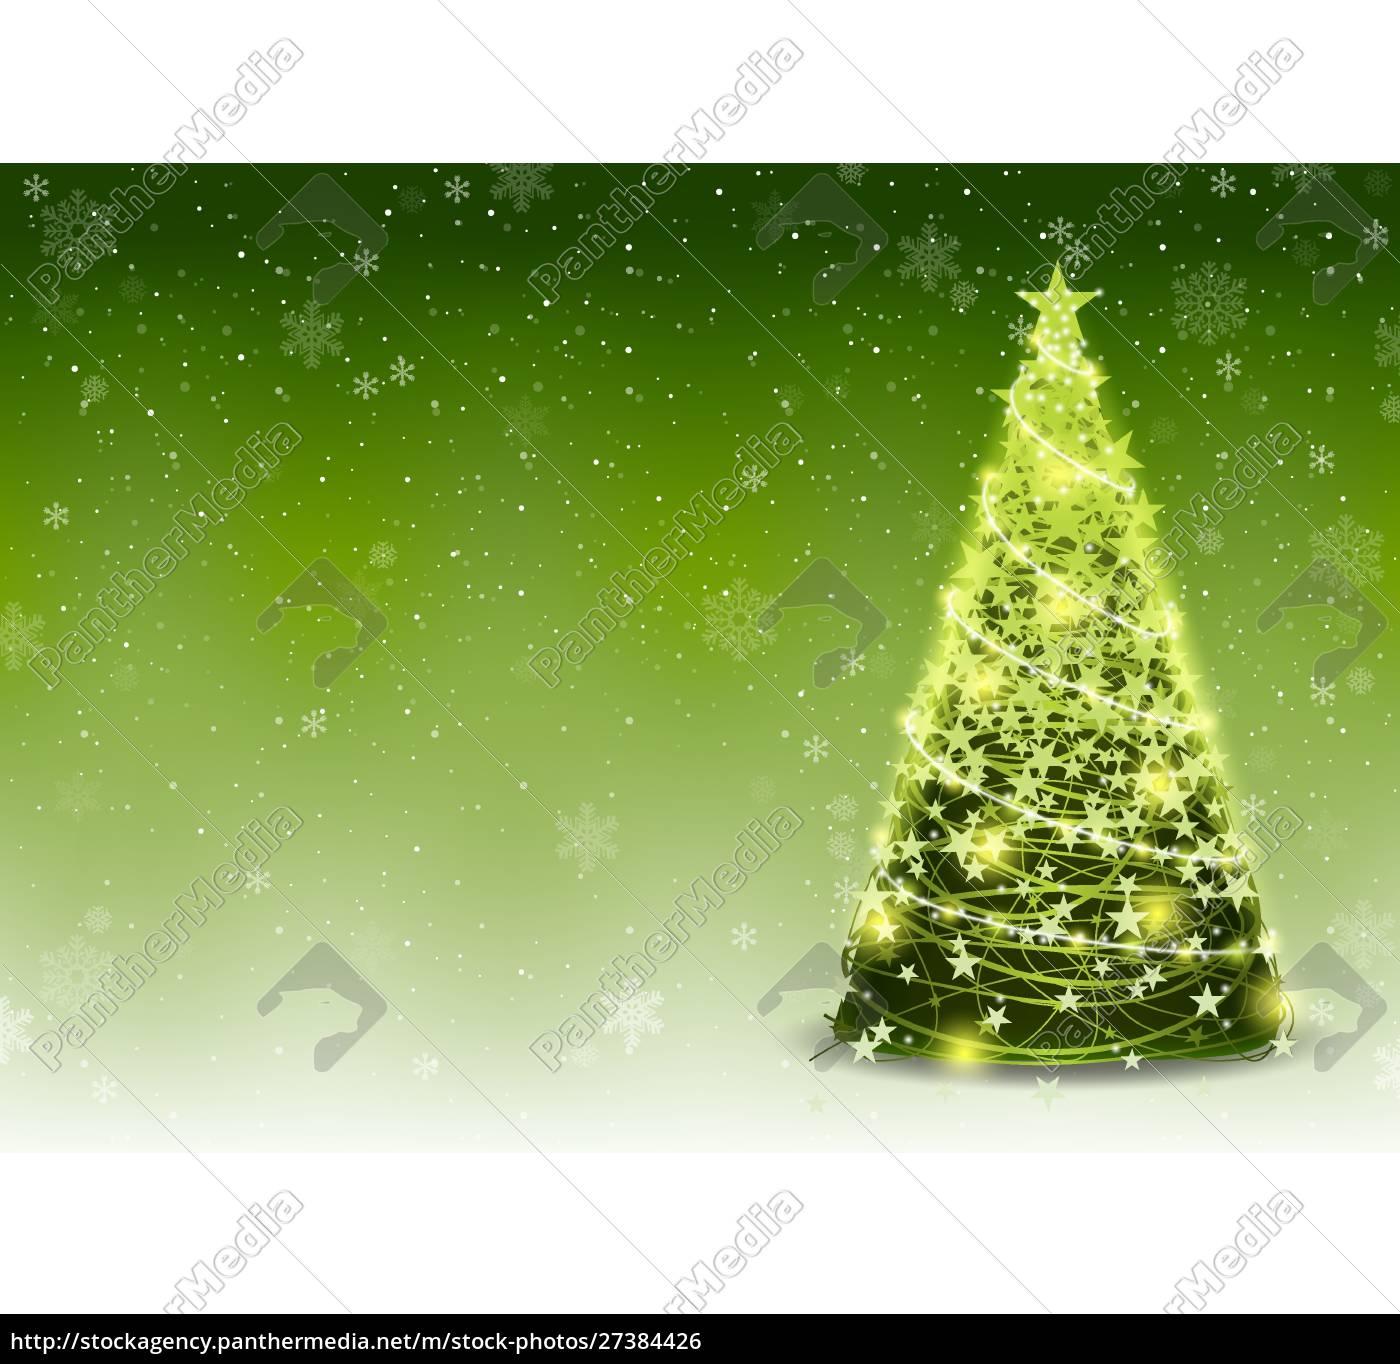 grüner, weihnachtsbaum, hintergrund, mit, fallenden, schneeflocken - 27384426